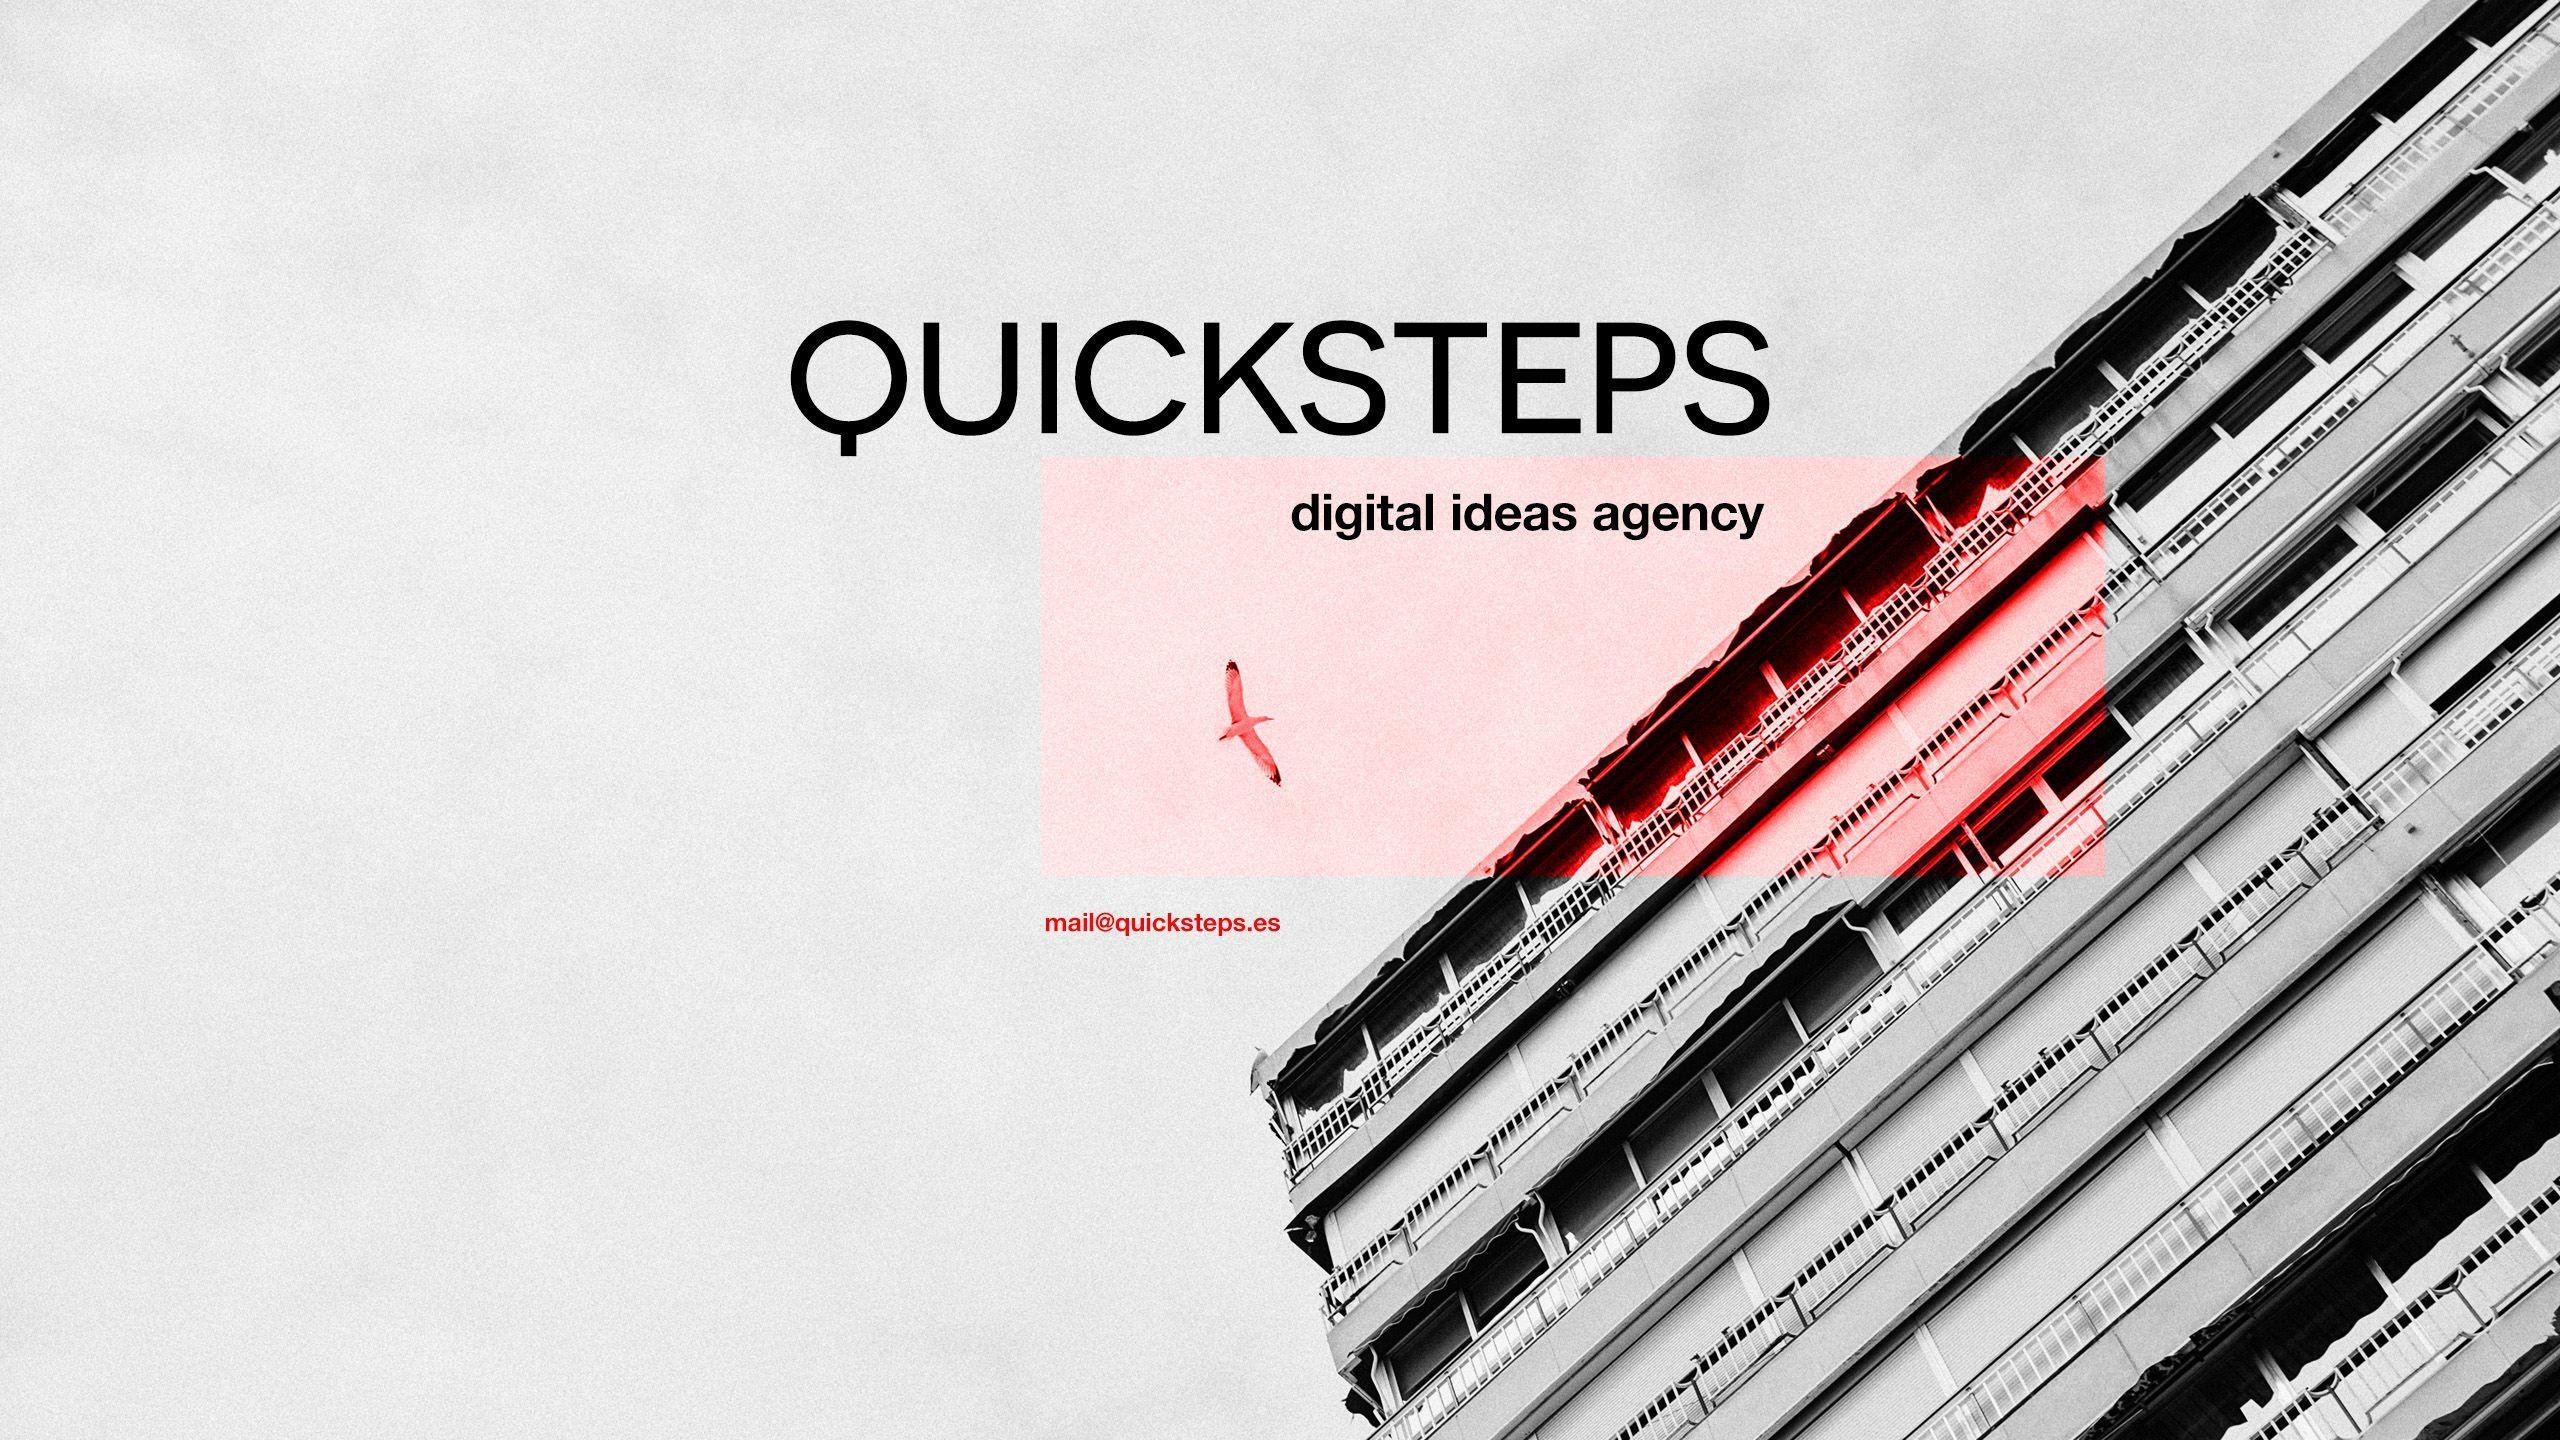 QuickSteps digital ideas agency Agencia de Publicidad y Marketing digital